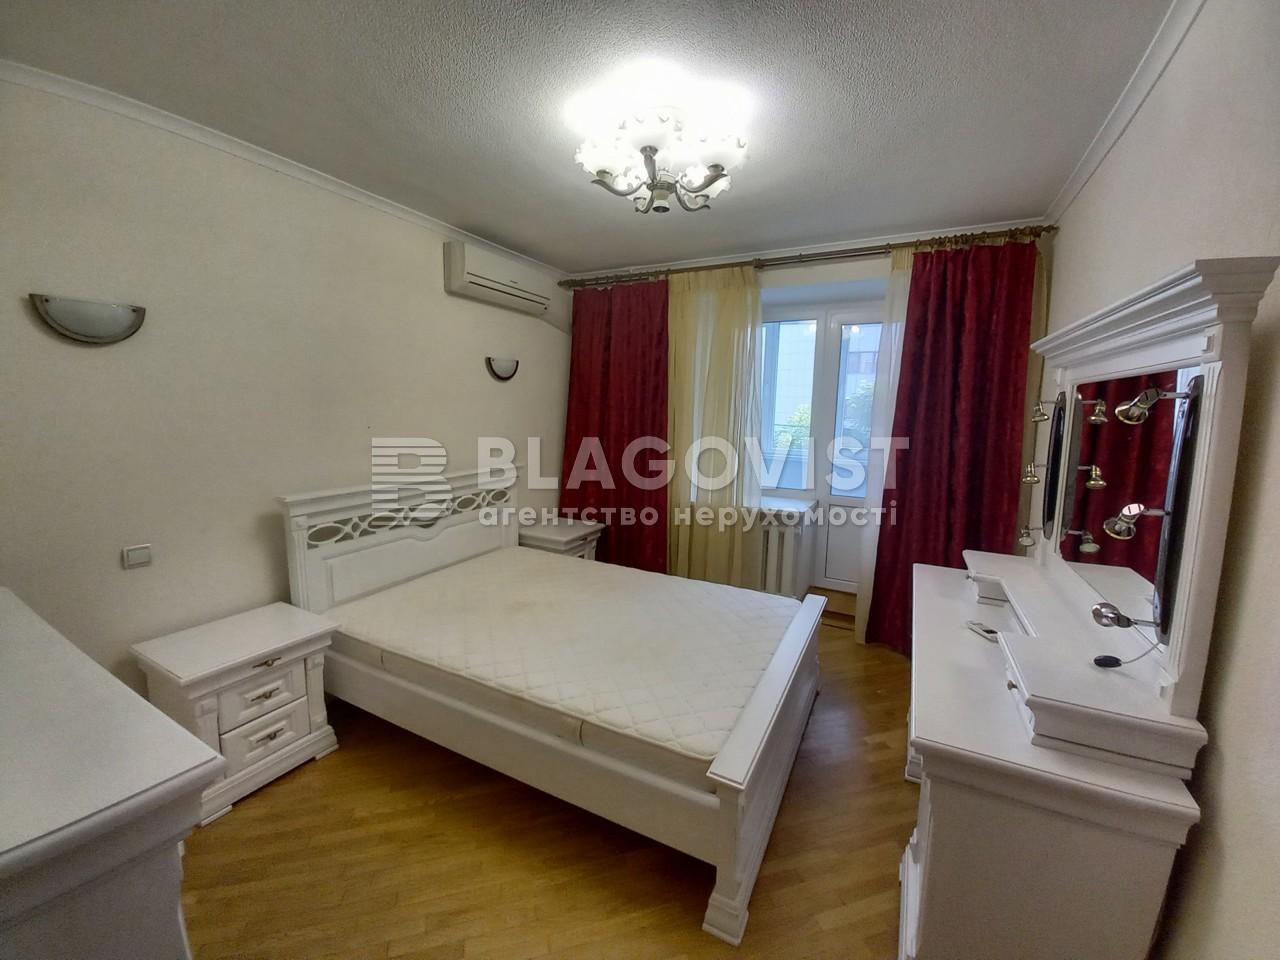 Квартира R-10187, Драгомирова Михаила, 2, Киев - Фото 9